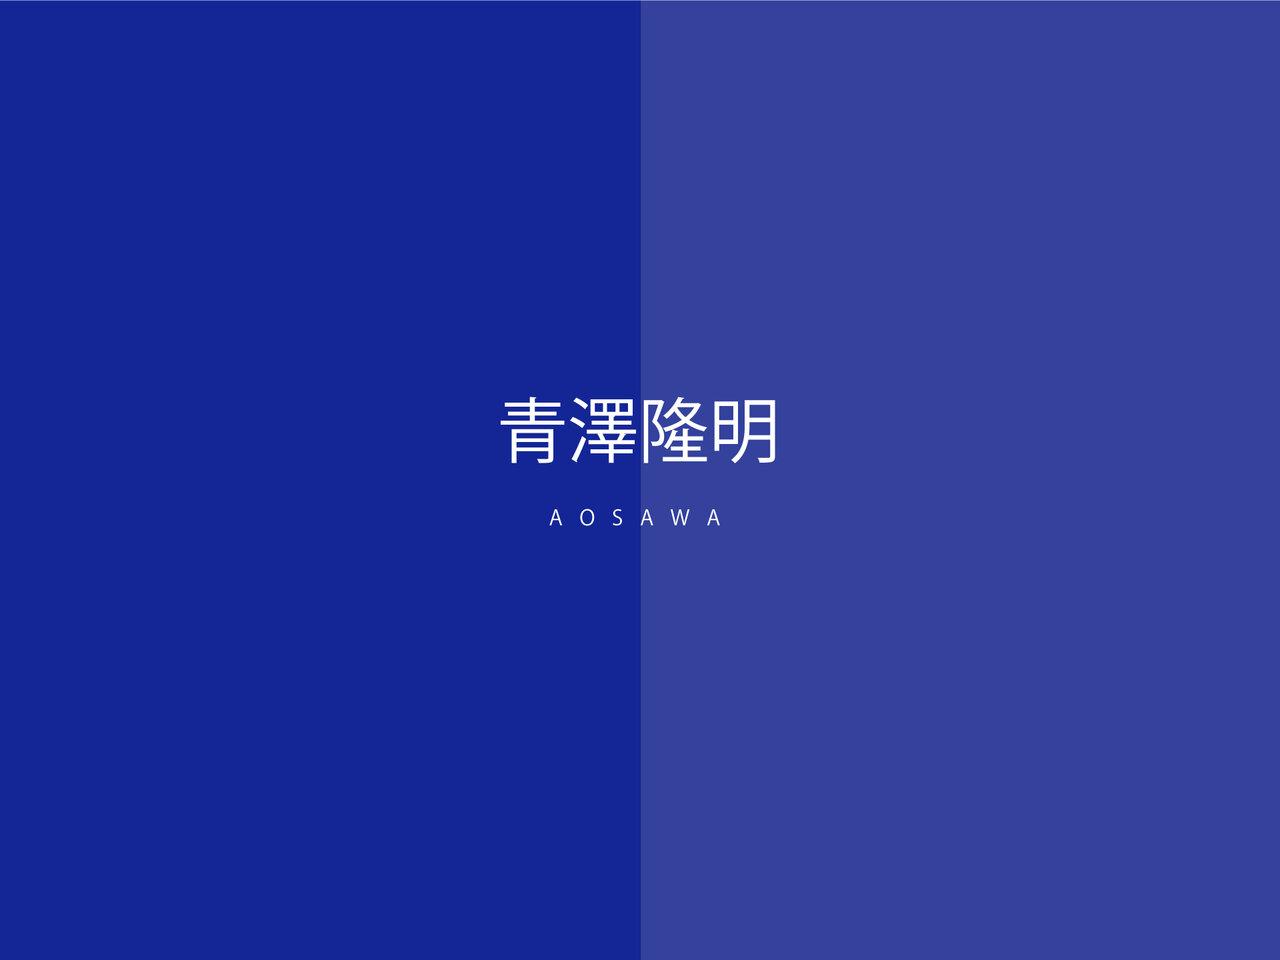 純朴な夢と詩情の領域 -濱田滋郎さんを偲ぶ